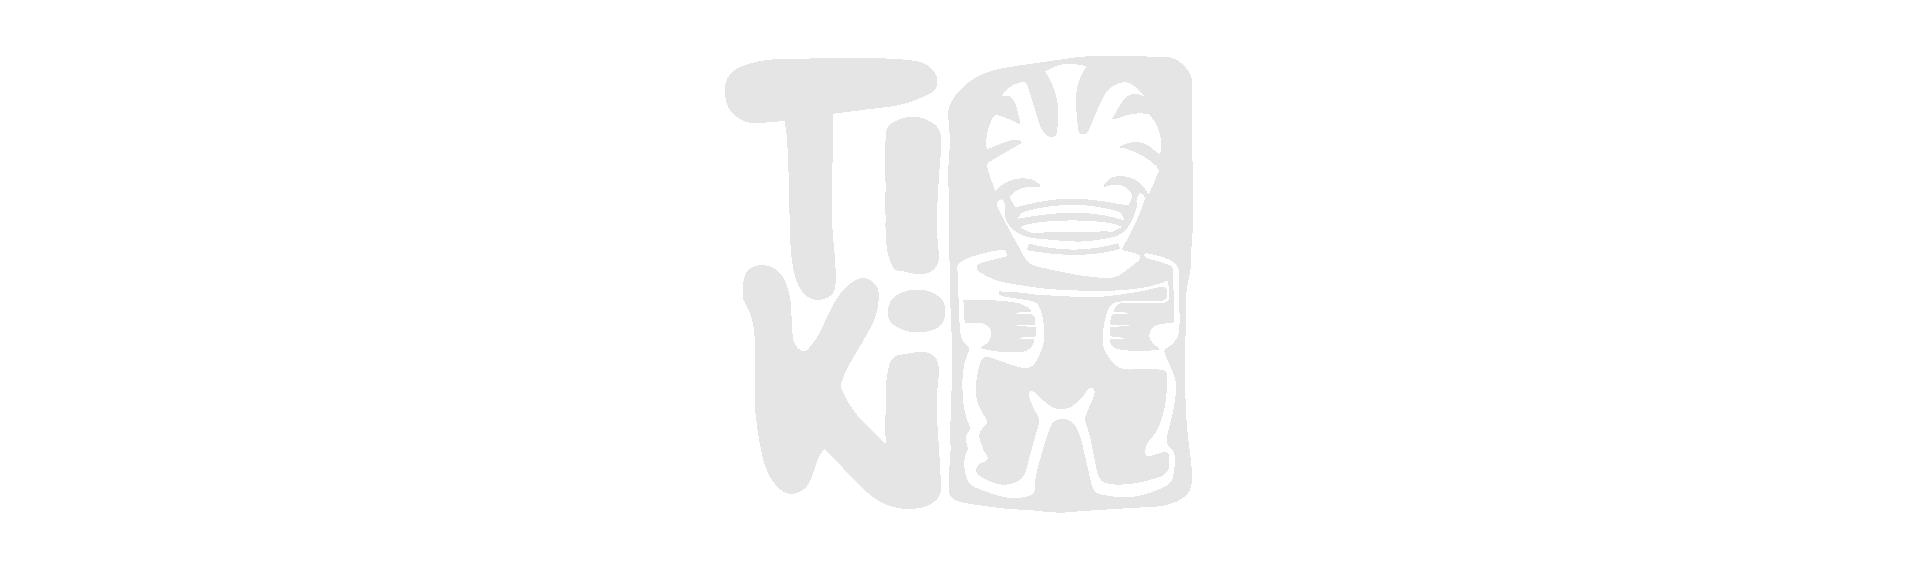 TIKI_1640.png